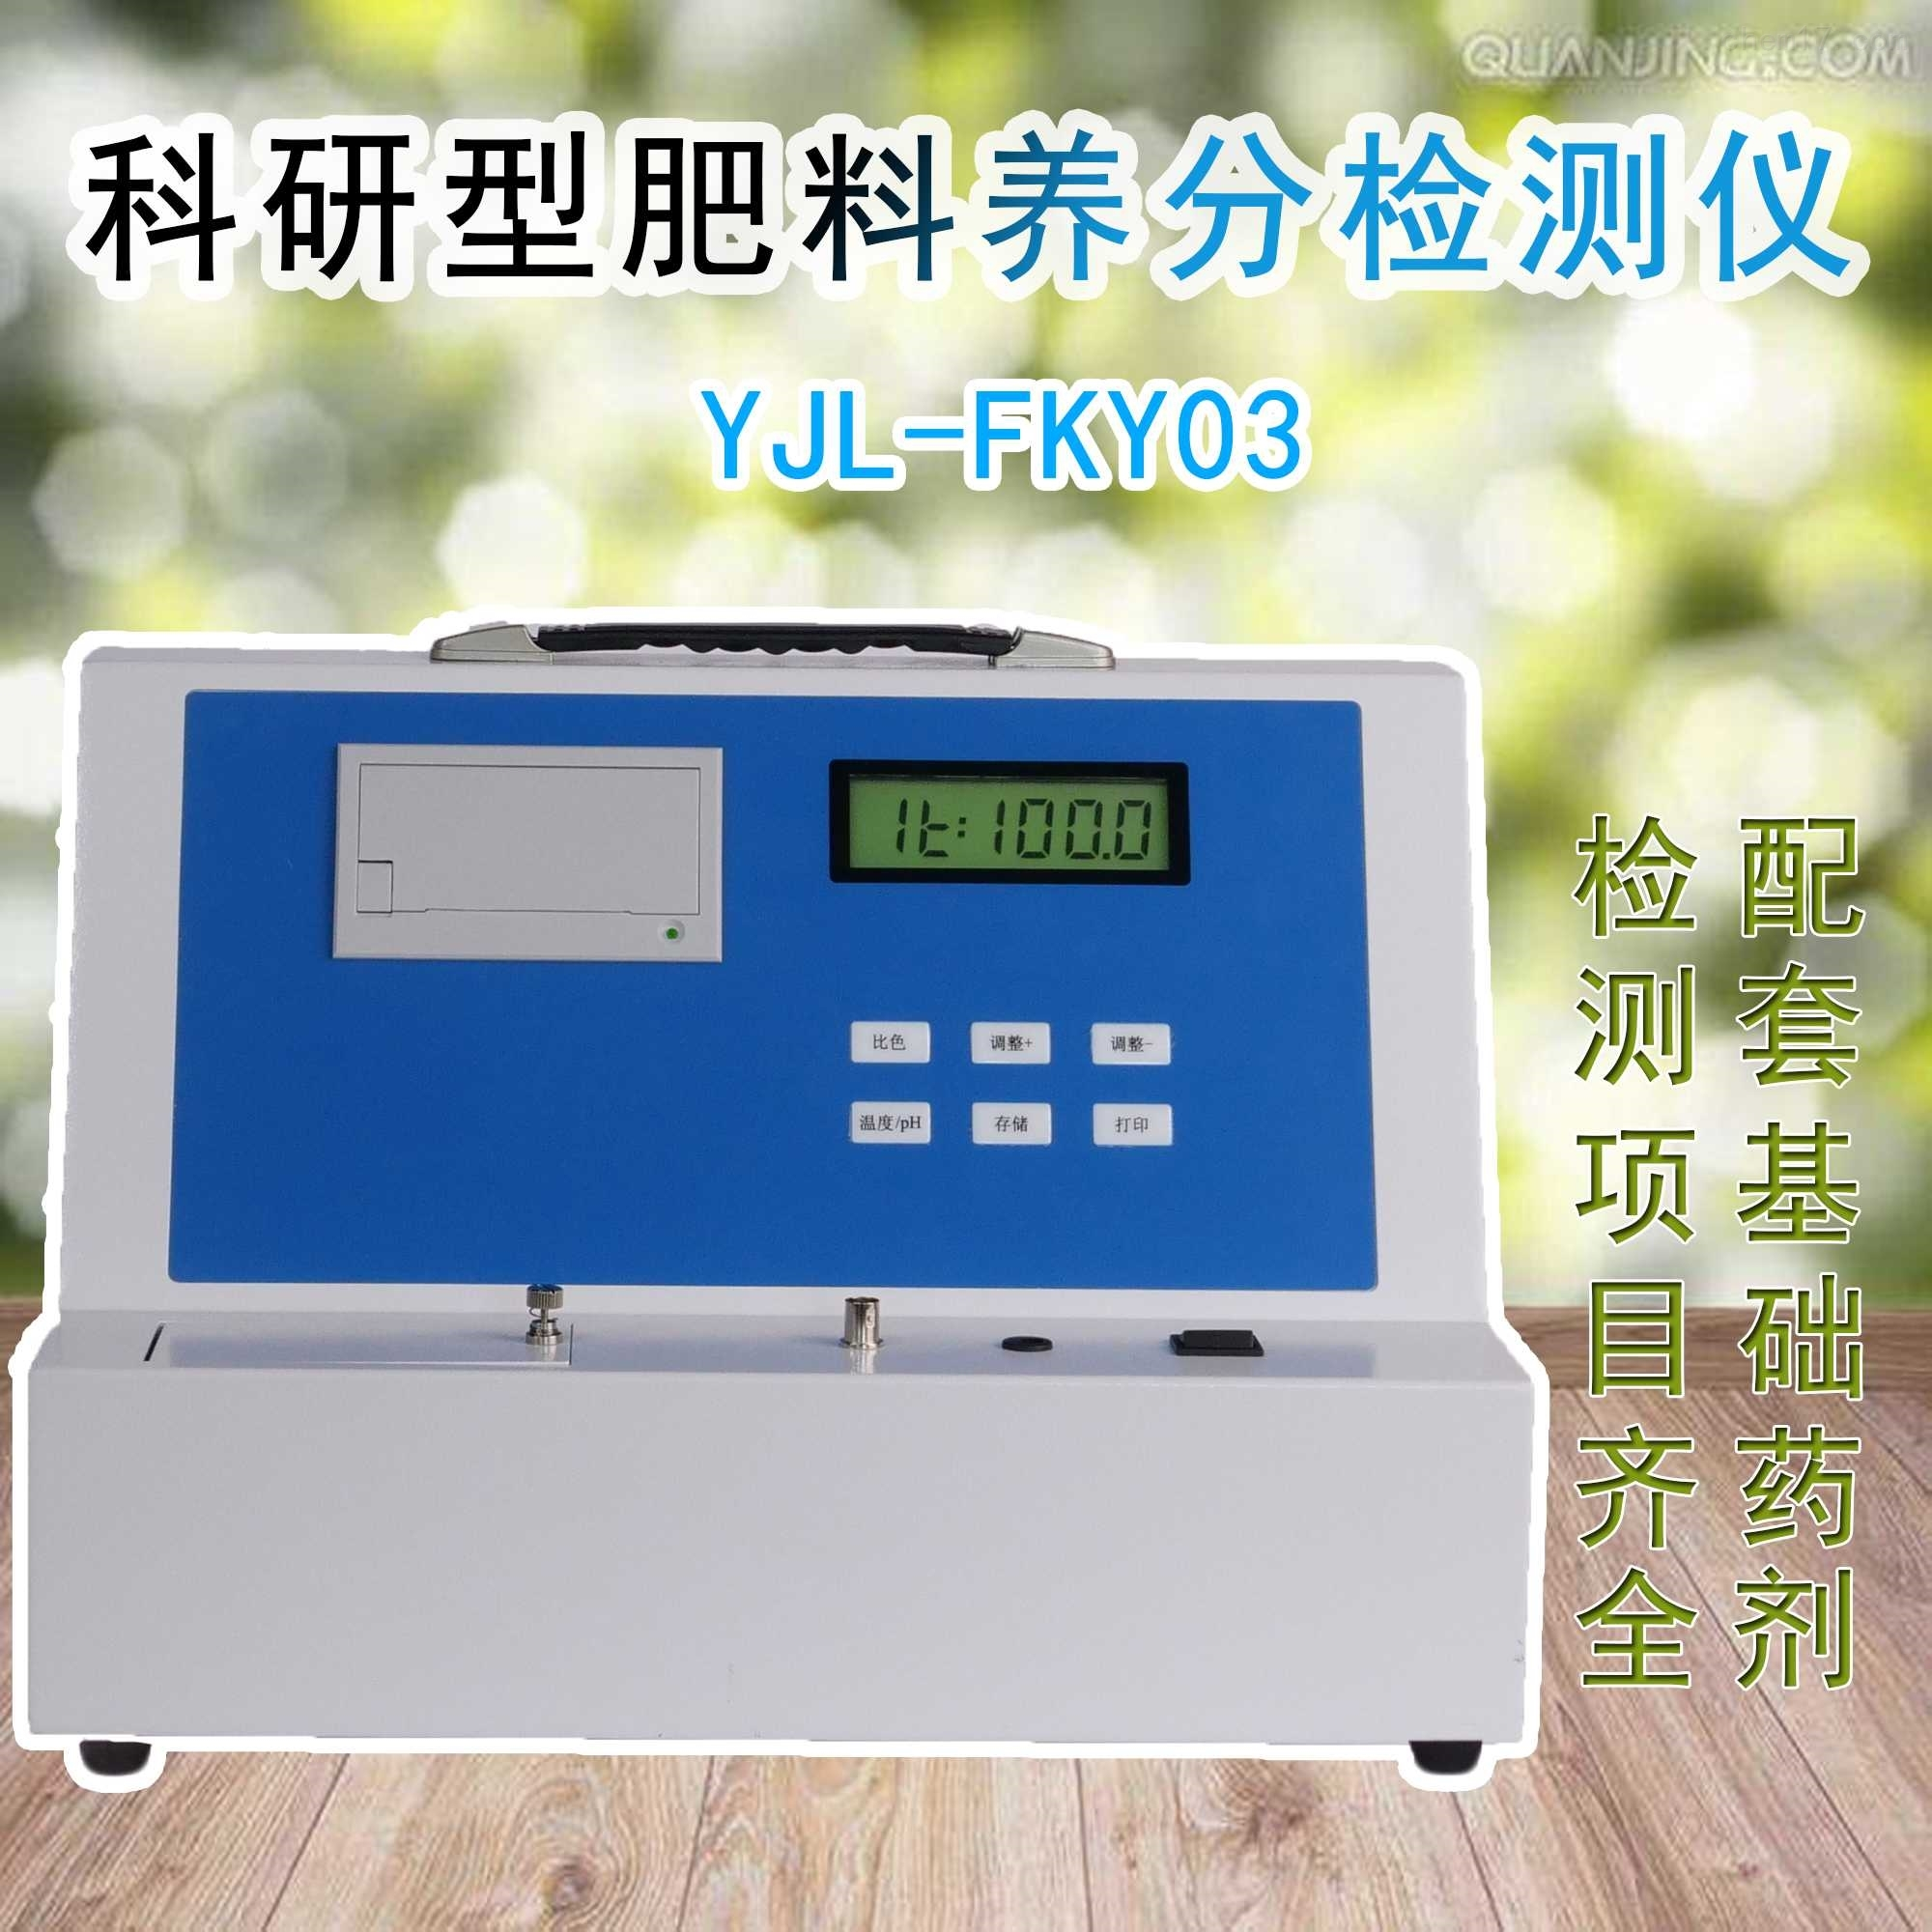 YJL-FKY03科研型肥料養分檢測儀